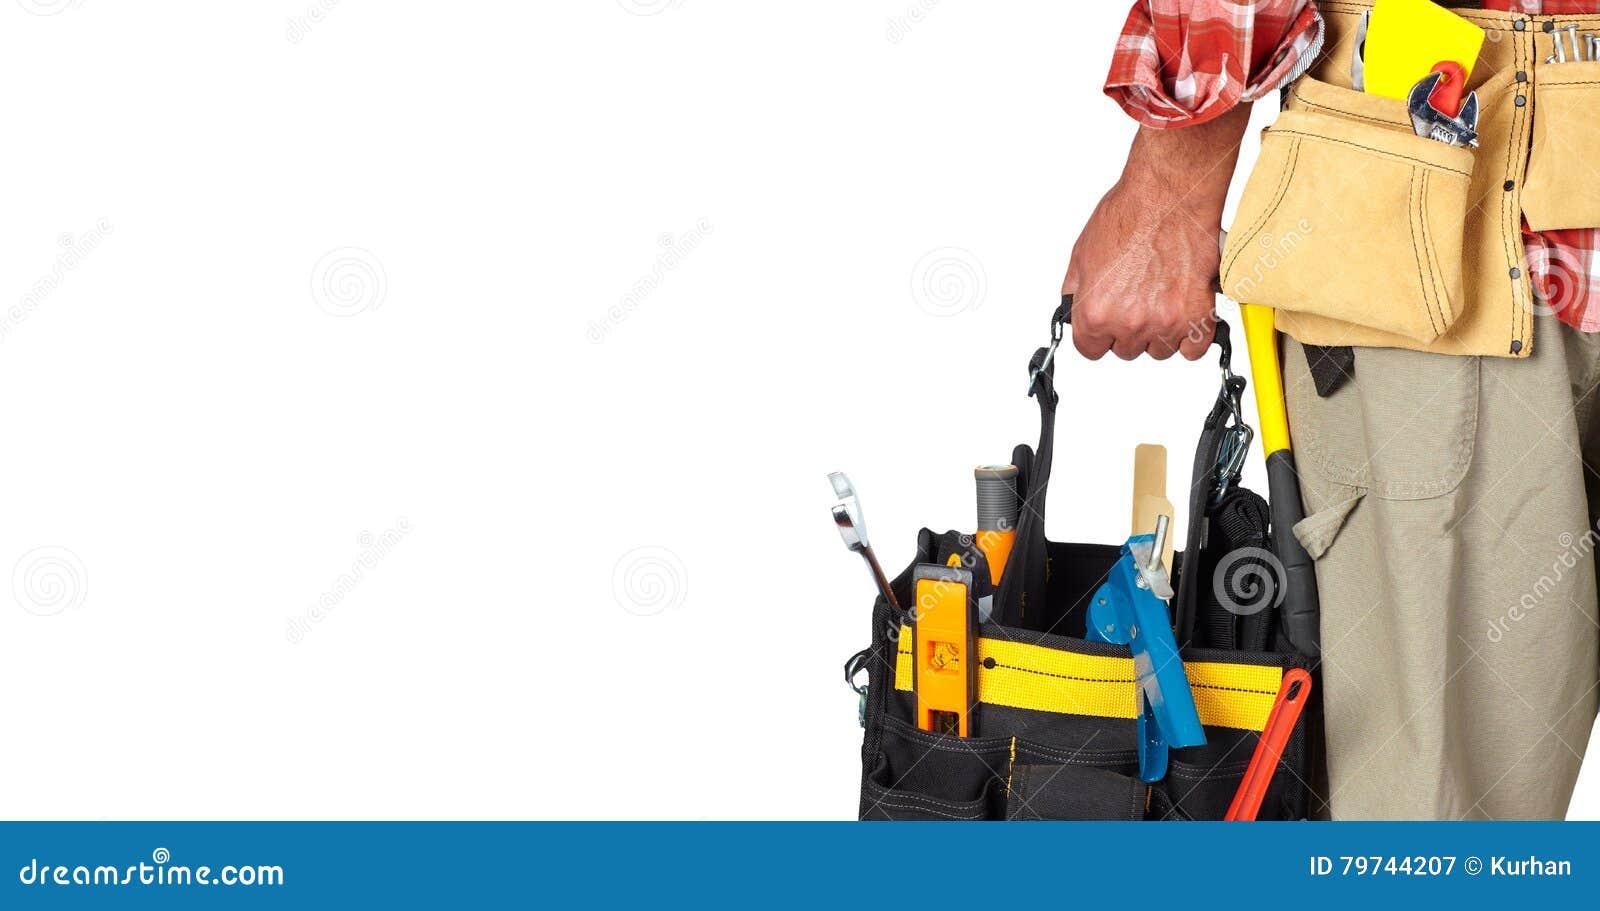 Mano de la manitas con una bolsa de herramientas